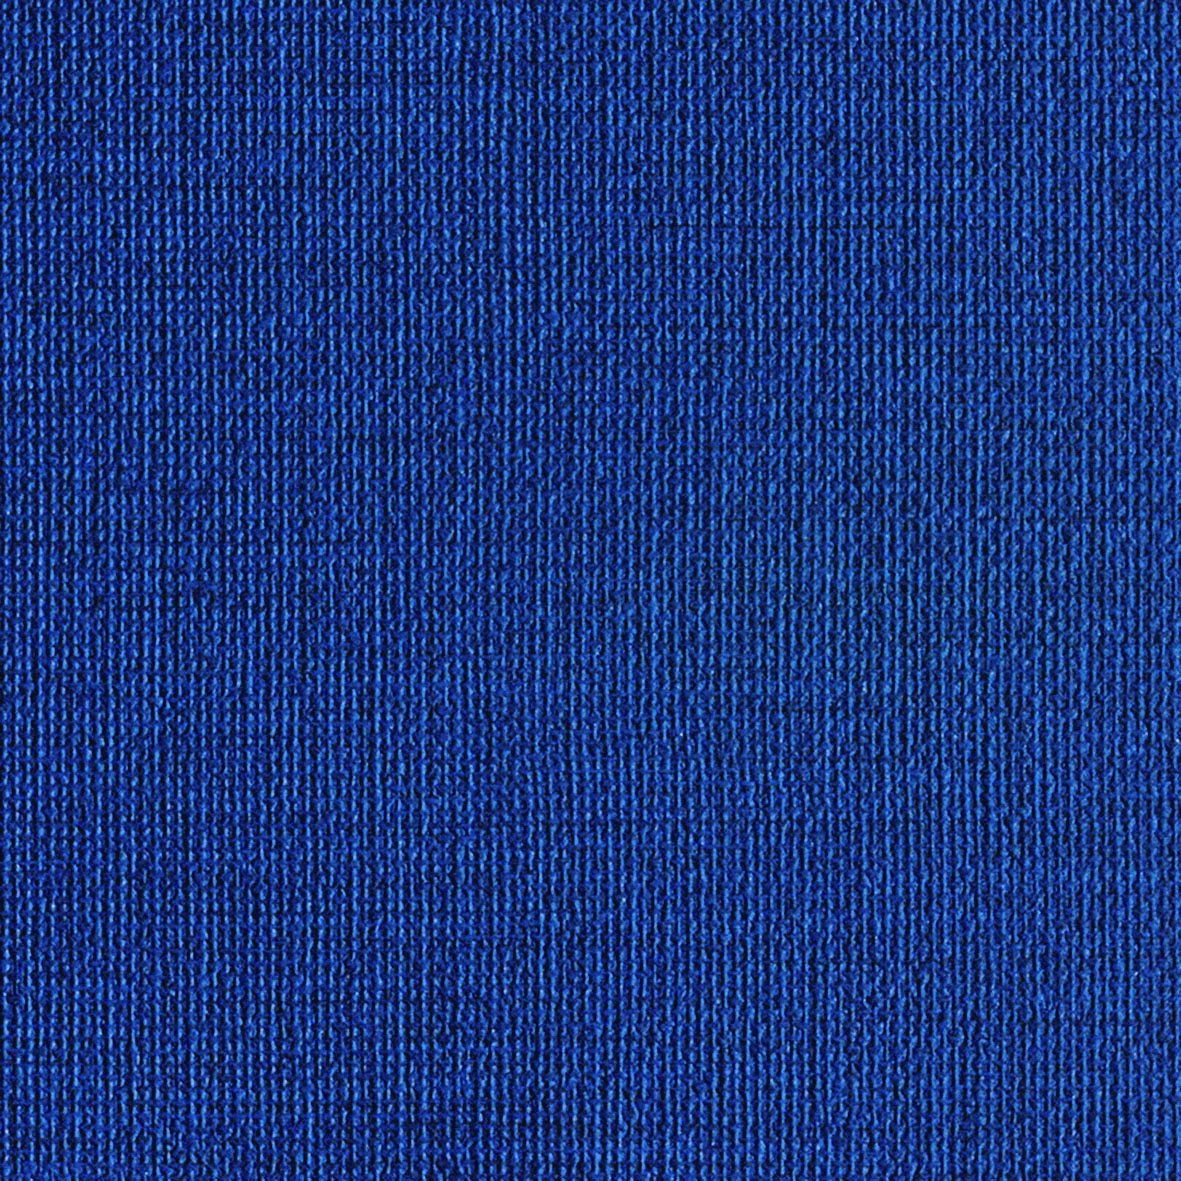 リリカラ 壁紙47m シンフル 織物調 ブルー LL-8629 B01N0AA0Z9 47m|ブルー